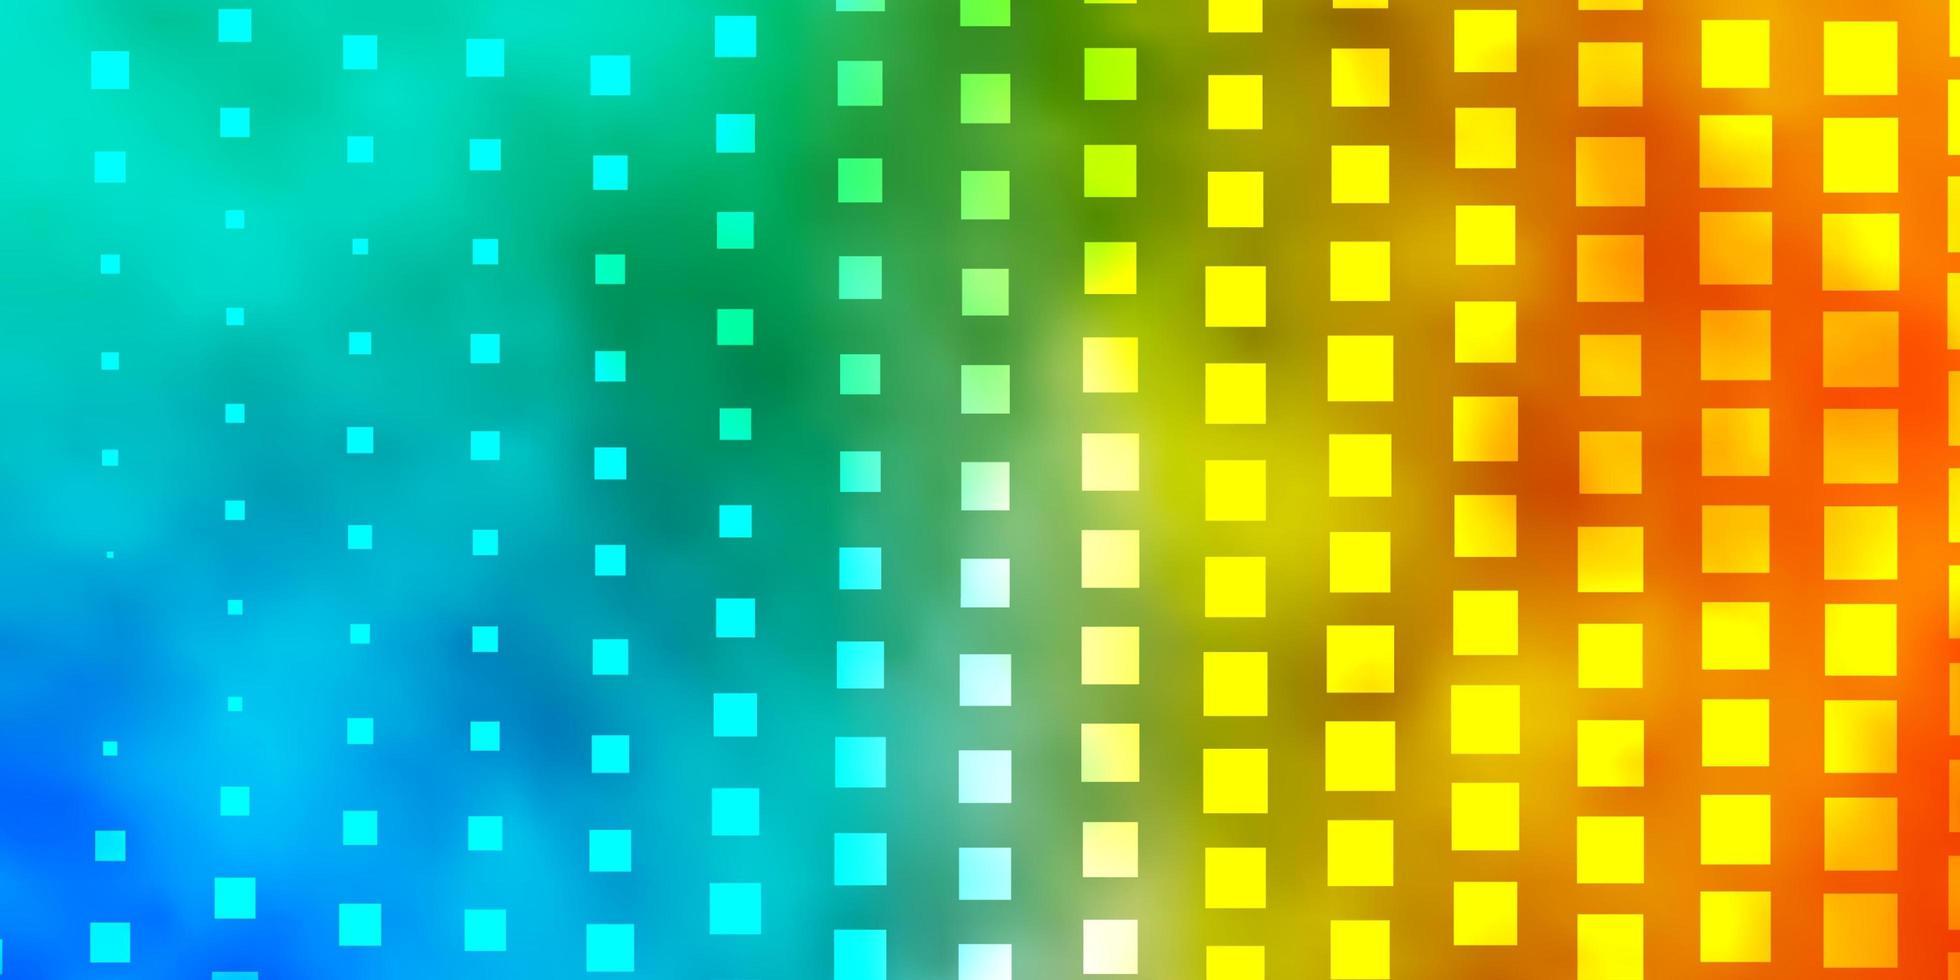 pano de fundo azul claro, amarelo com retângulos vetor